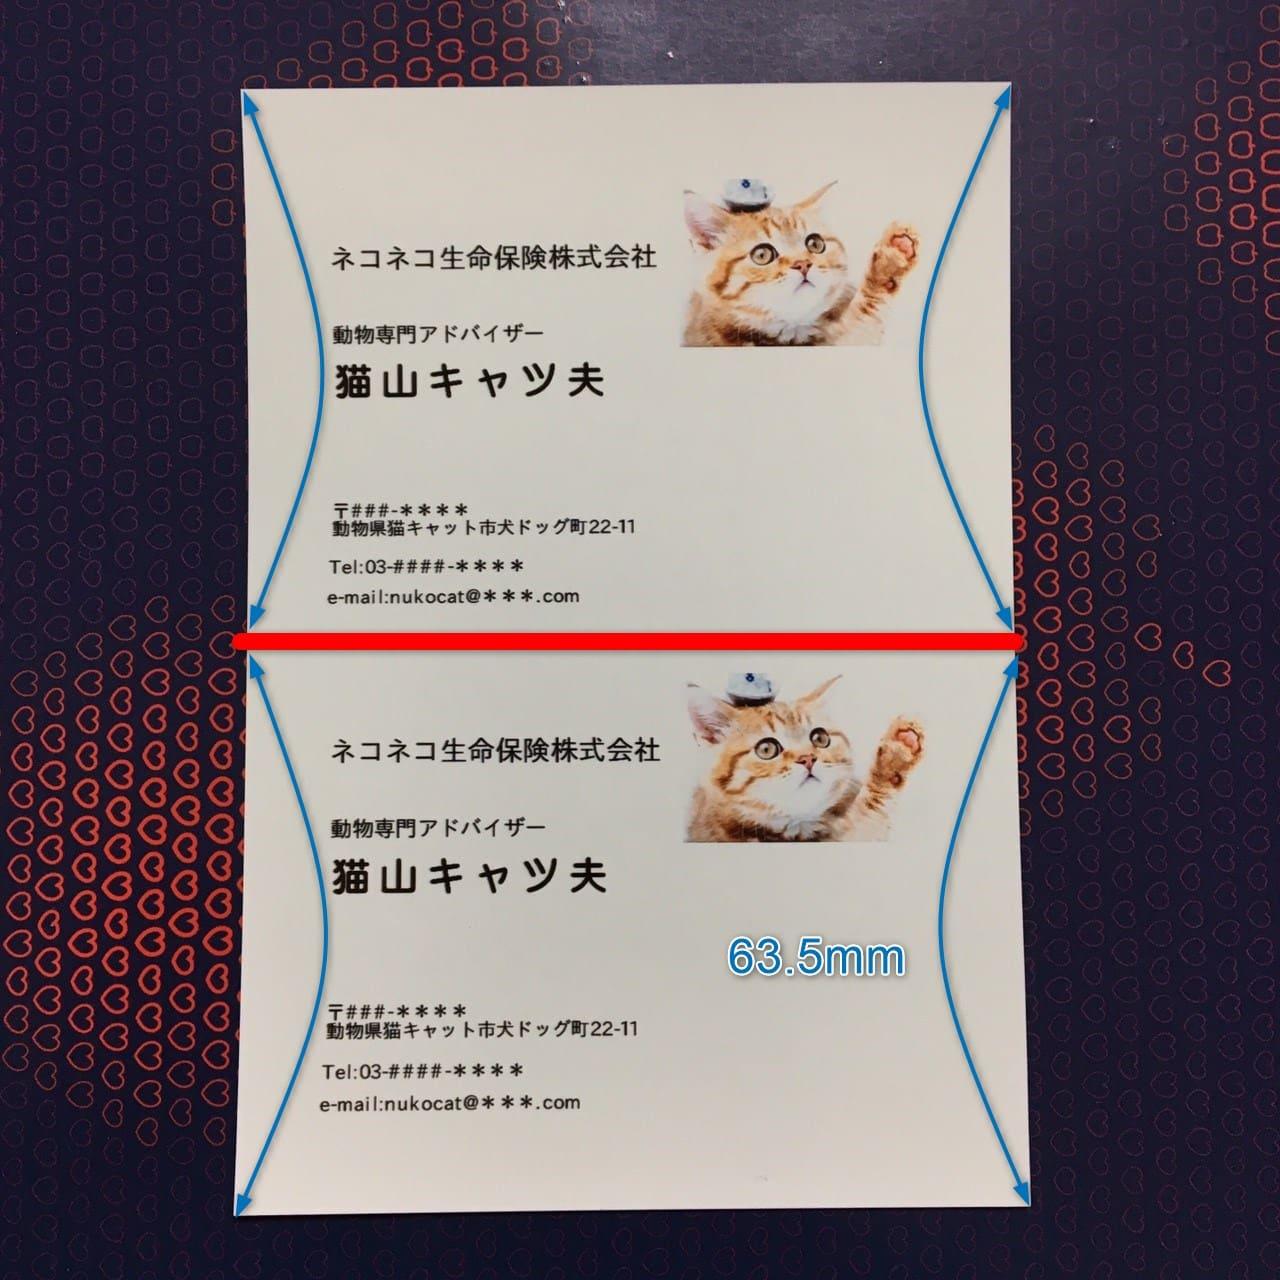 セブンイレブン名刺印刷方法39